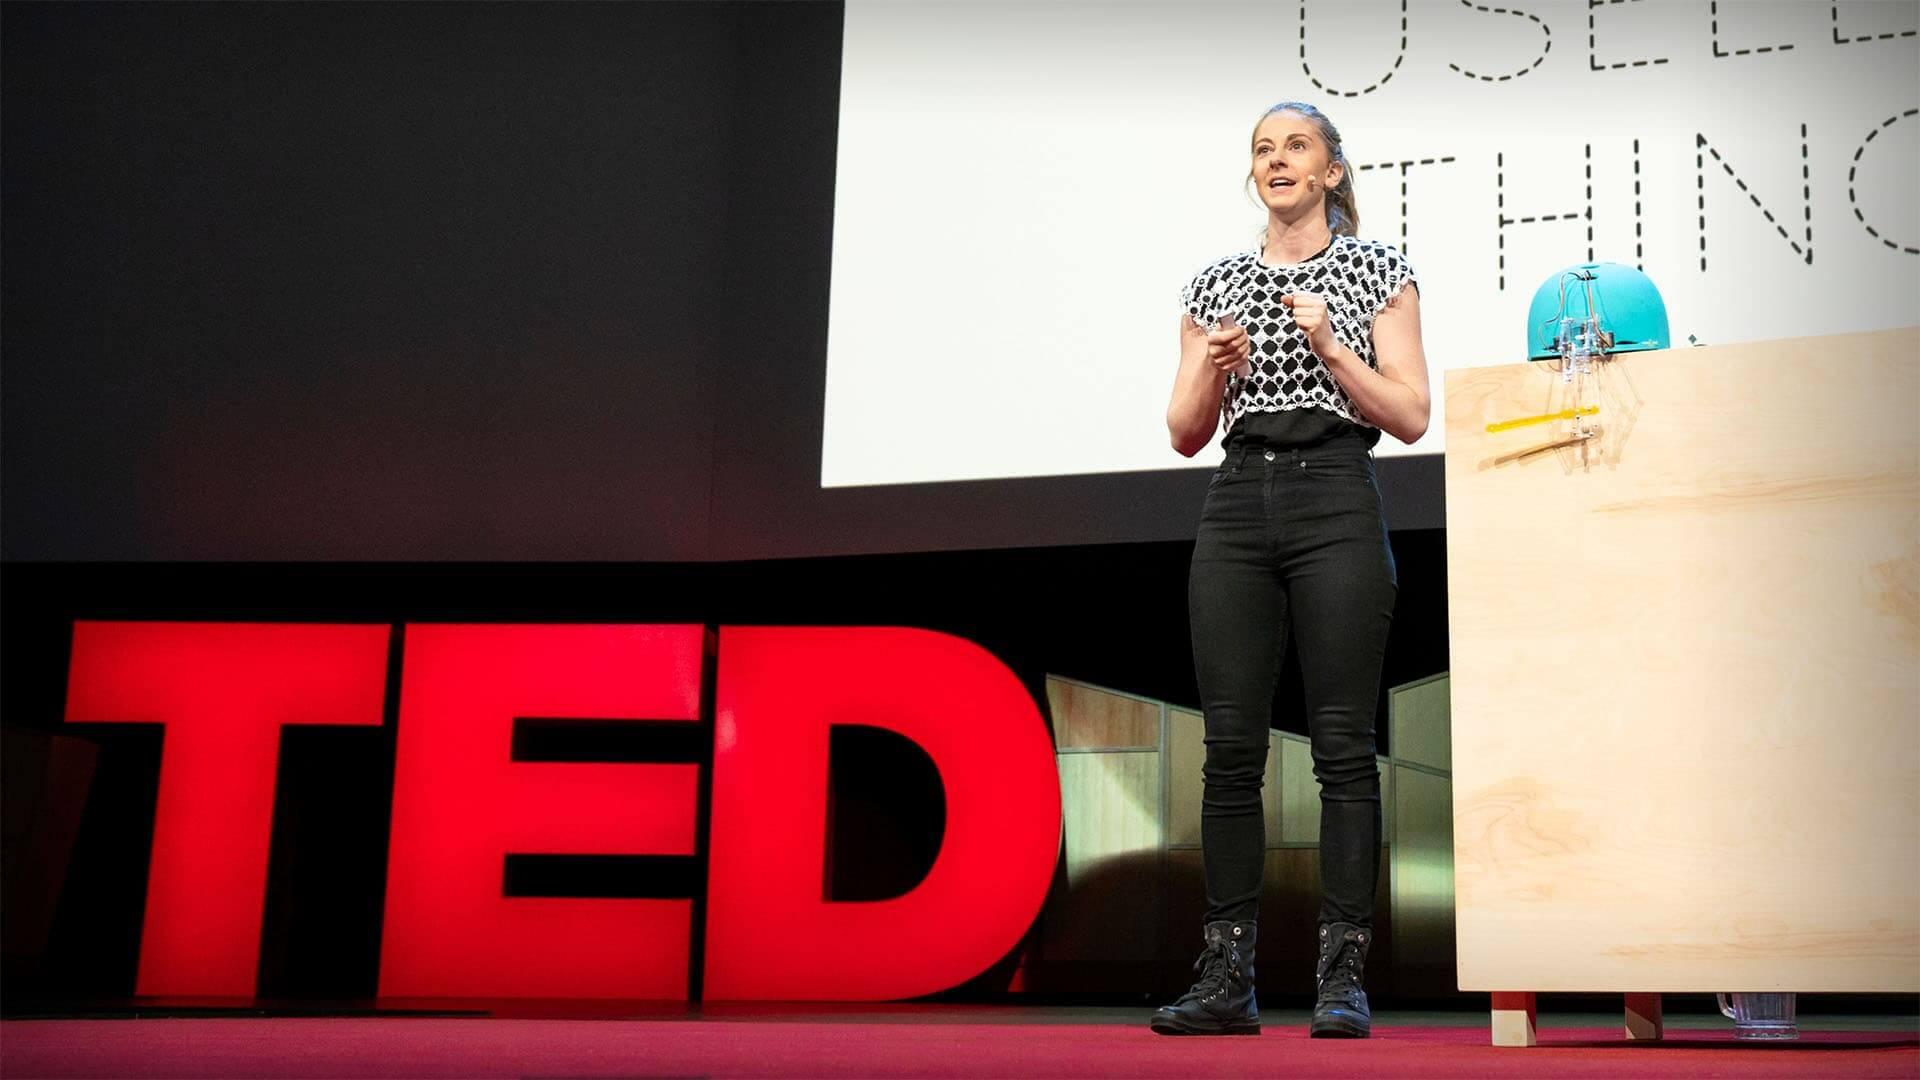 הרצאות מעוררות השראה מס' 10: סימון גירץ – למה כדאי לעשות דברים חסרי תועלת